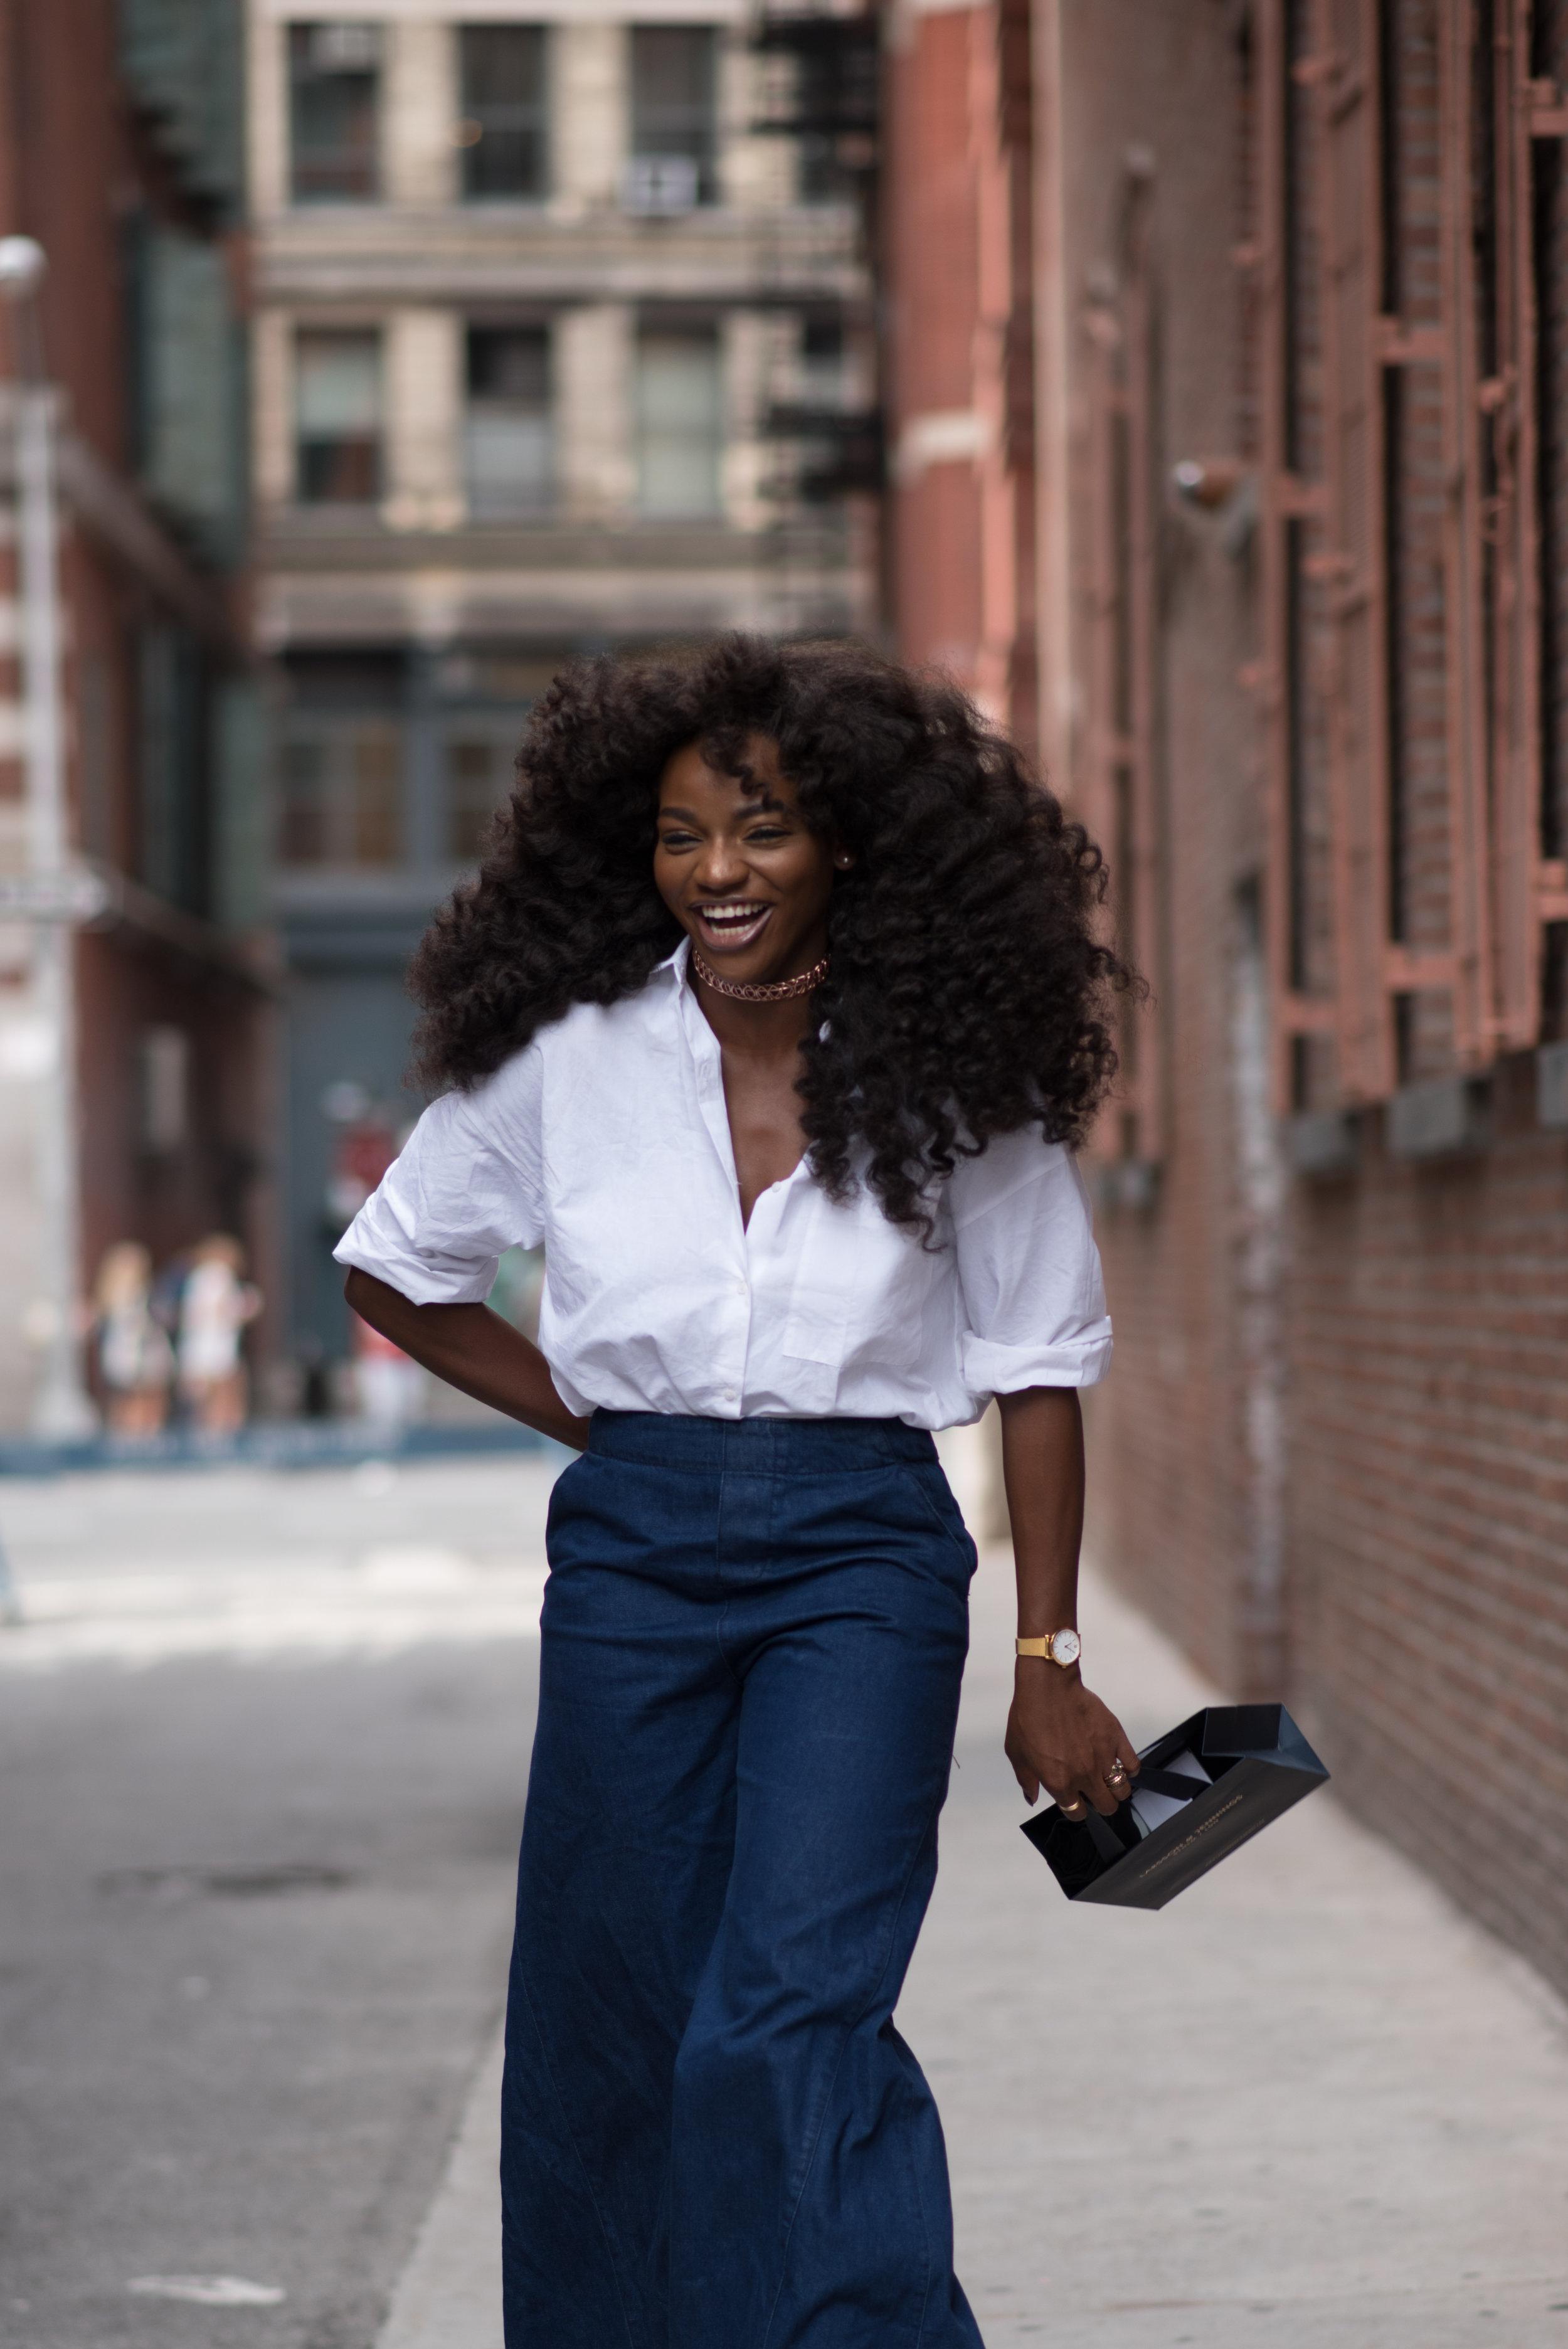 Nigerian Fashion Blogger & Creative Director, Asiyami Gold